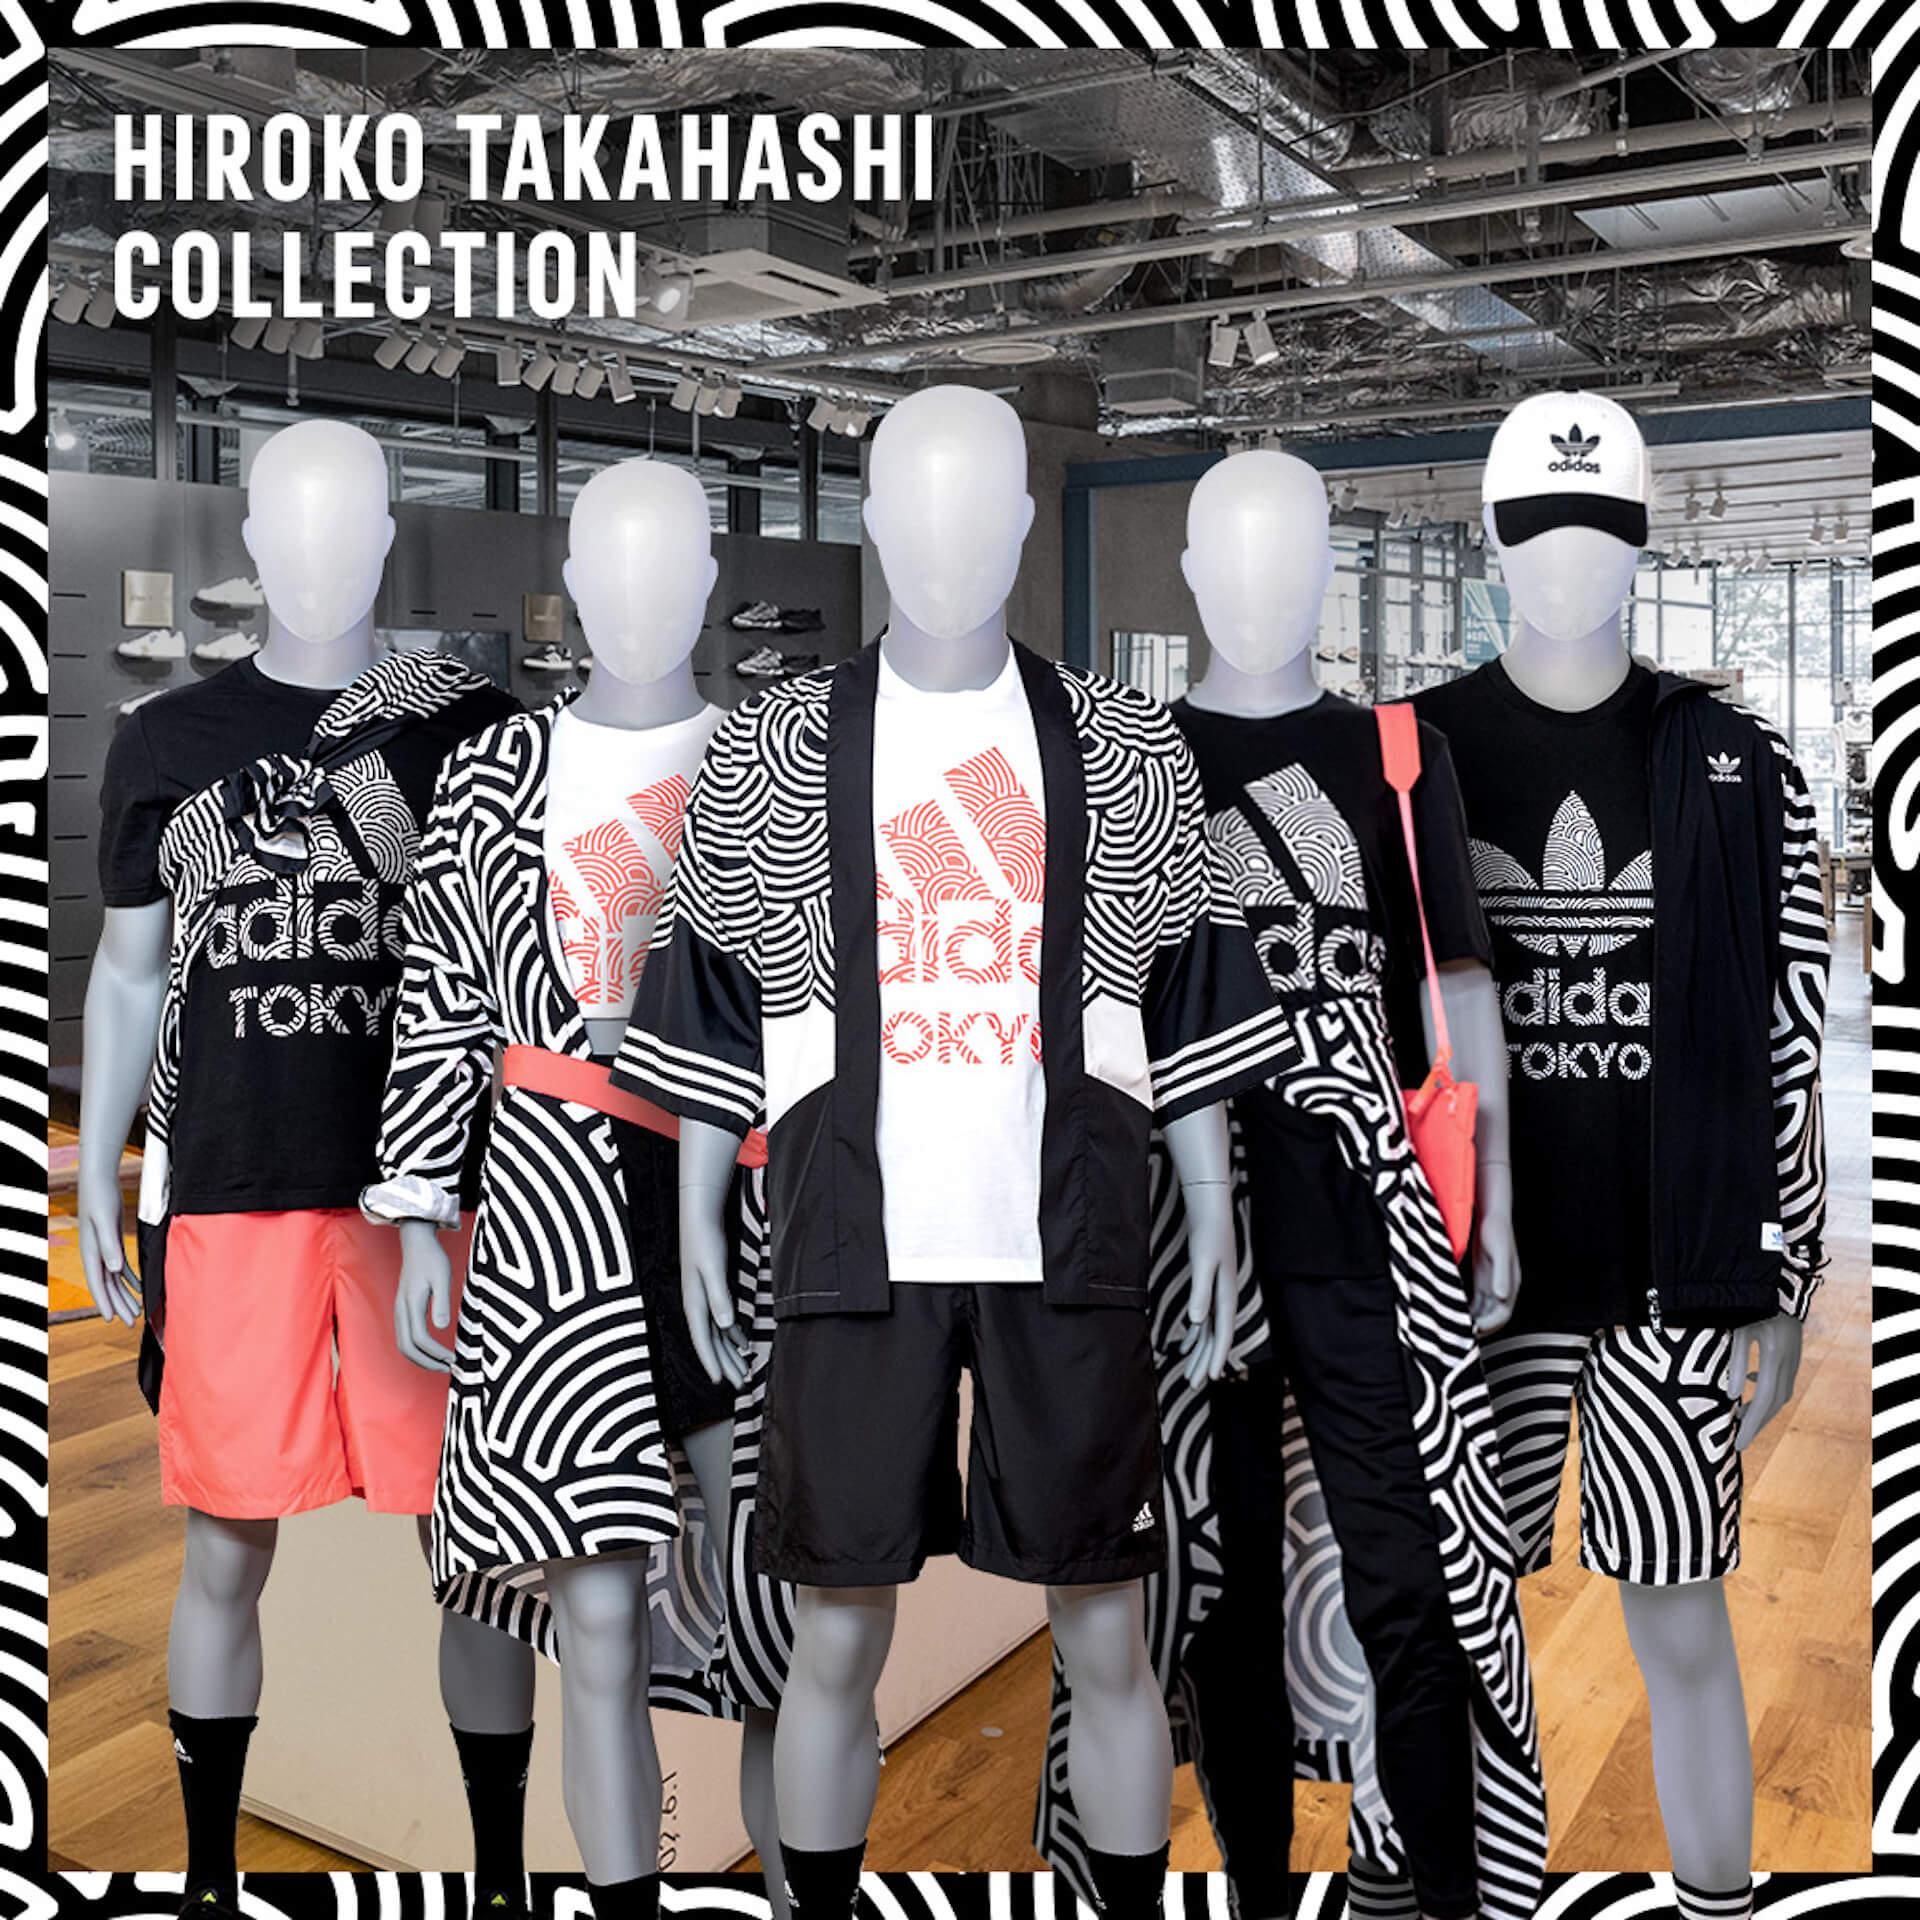 アディダス初の法被ジャケットと浴衣ジャケットが登場!高橋理子とのコラボコレクション『HIROKO TAKAHASHI COLLECTION』が販売開始 music210611_adidas7